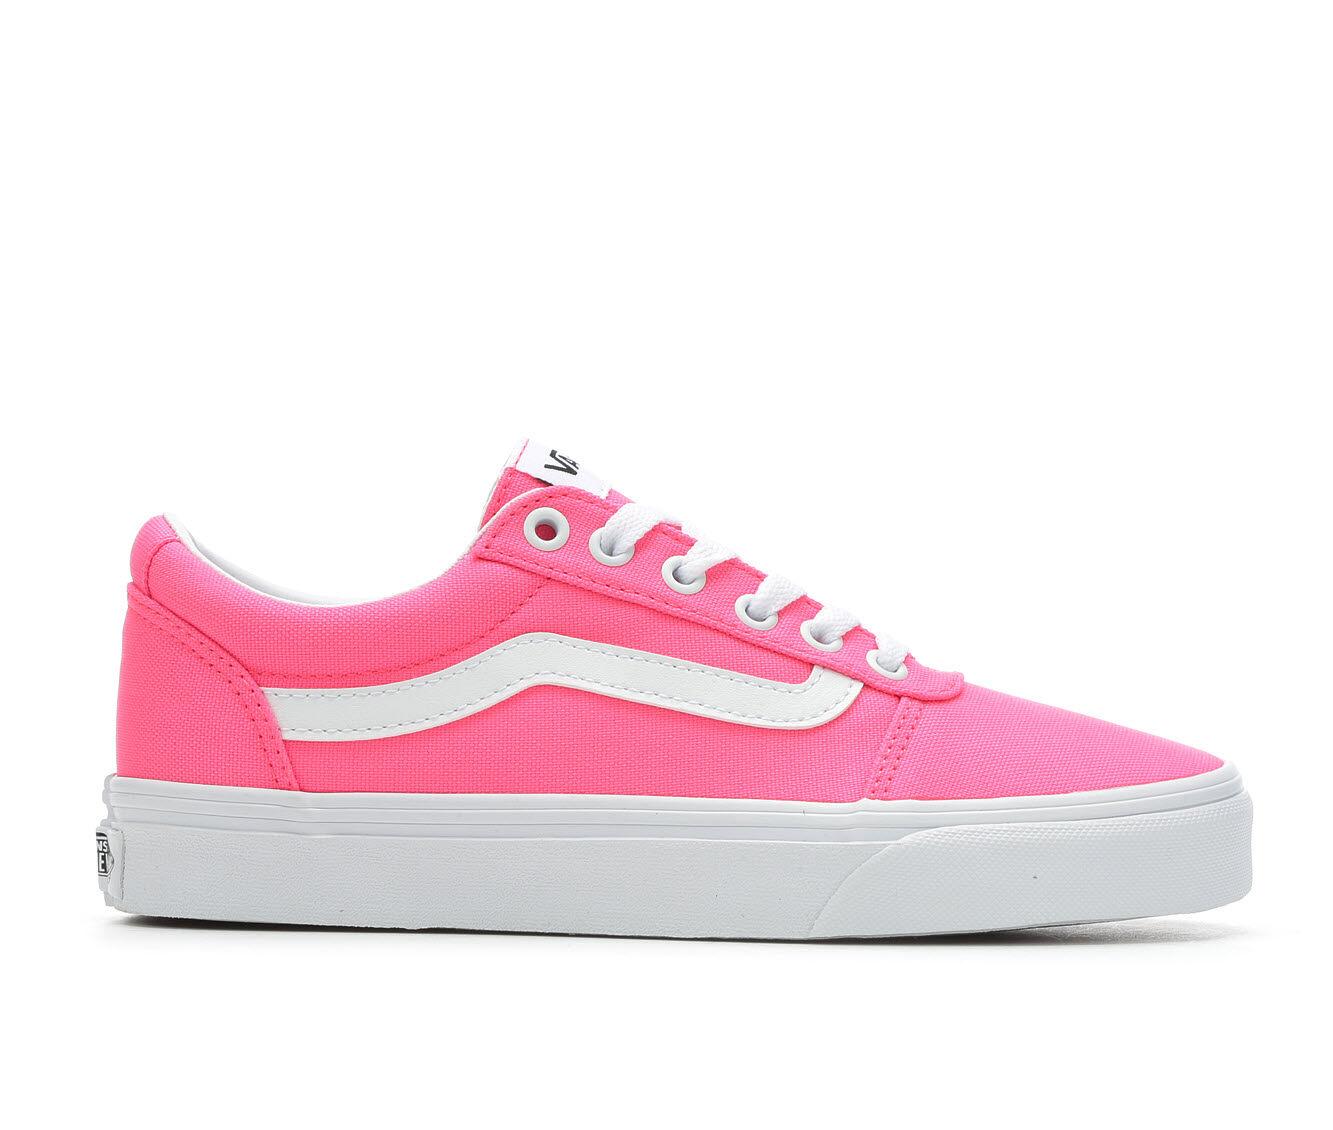 Vans Ward Skate Shoes | Shoe Carnival